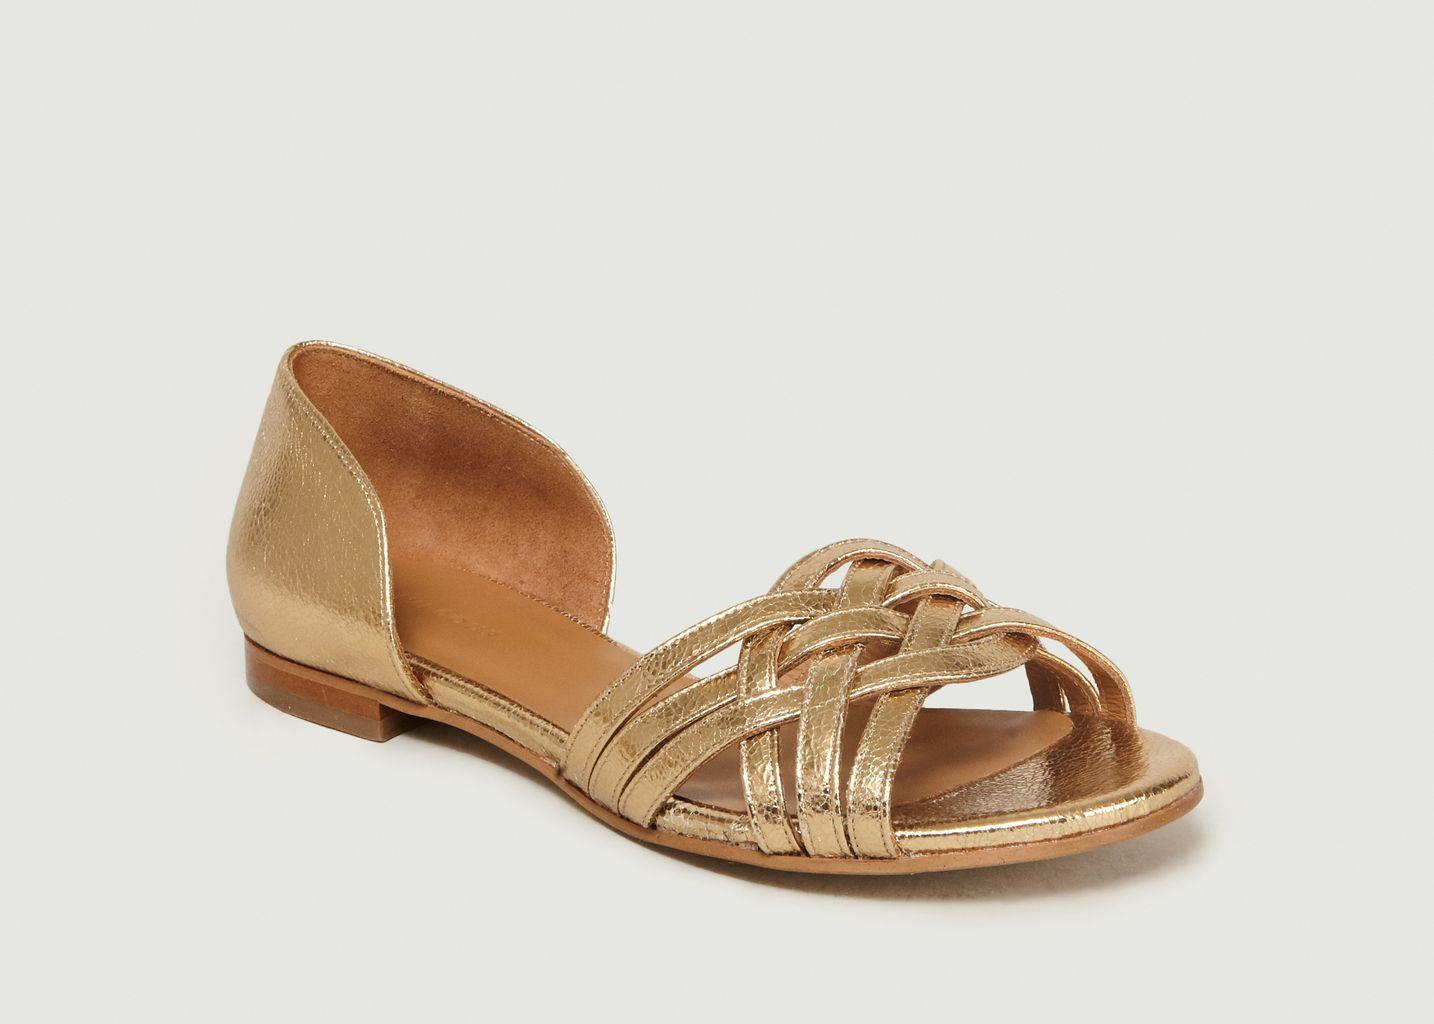 Sandales Tressées N°34 - Rivecour